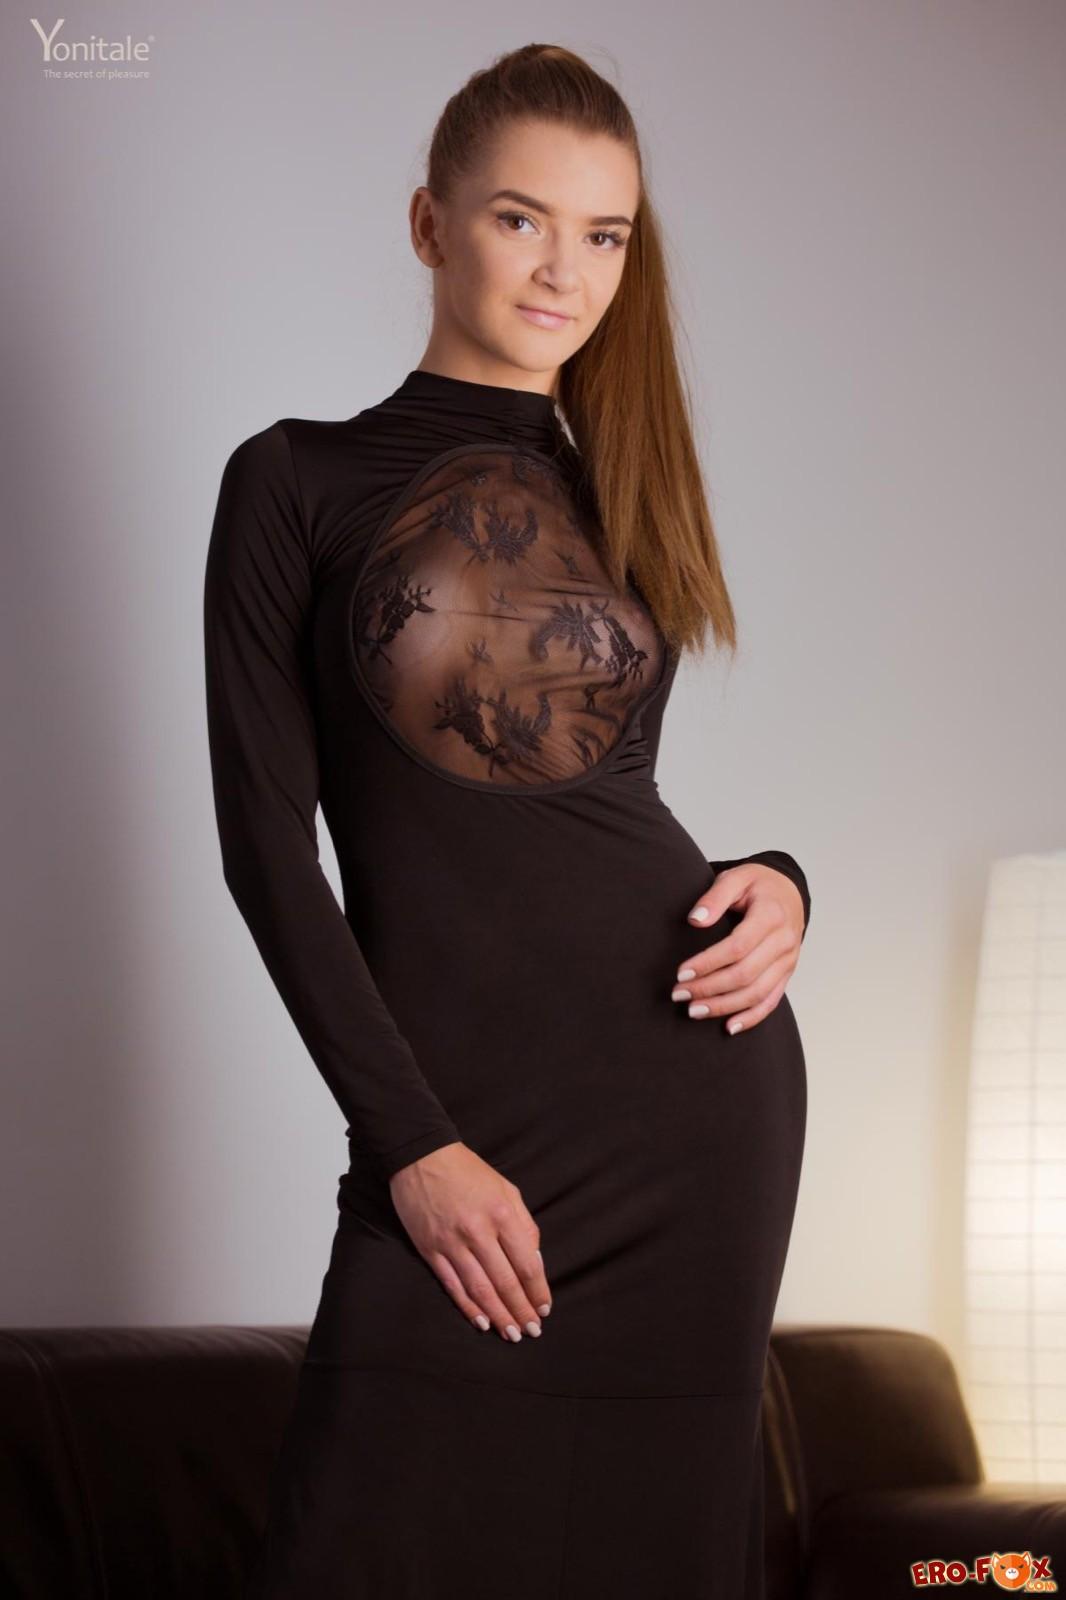 В длинном платье без трусиков задрала юбку